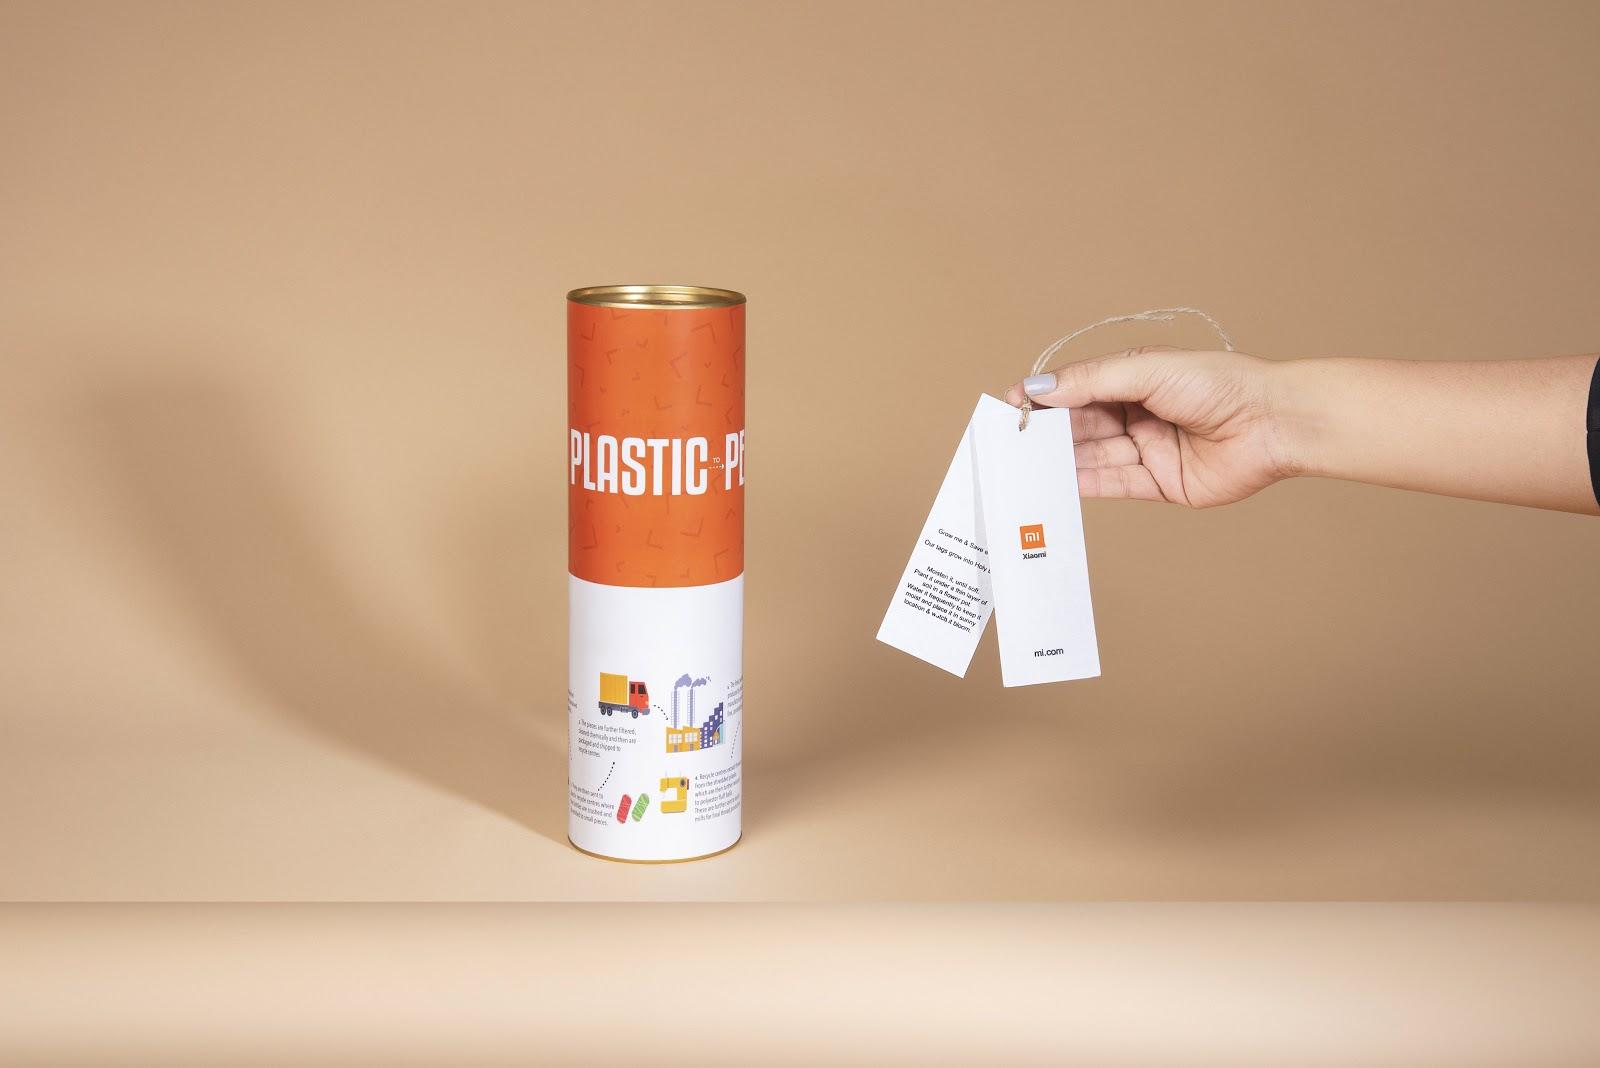 Xiaomi ra mắt áo phông làm từ nhựa, tặng kèm cả hạt giống cây trồng khi bán ra - Ảnh 3.